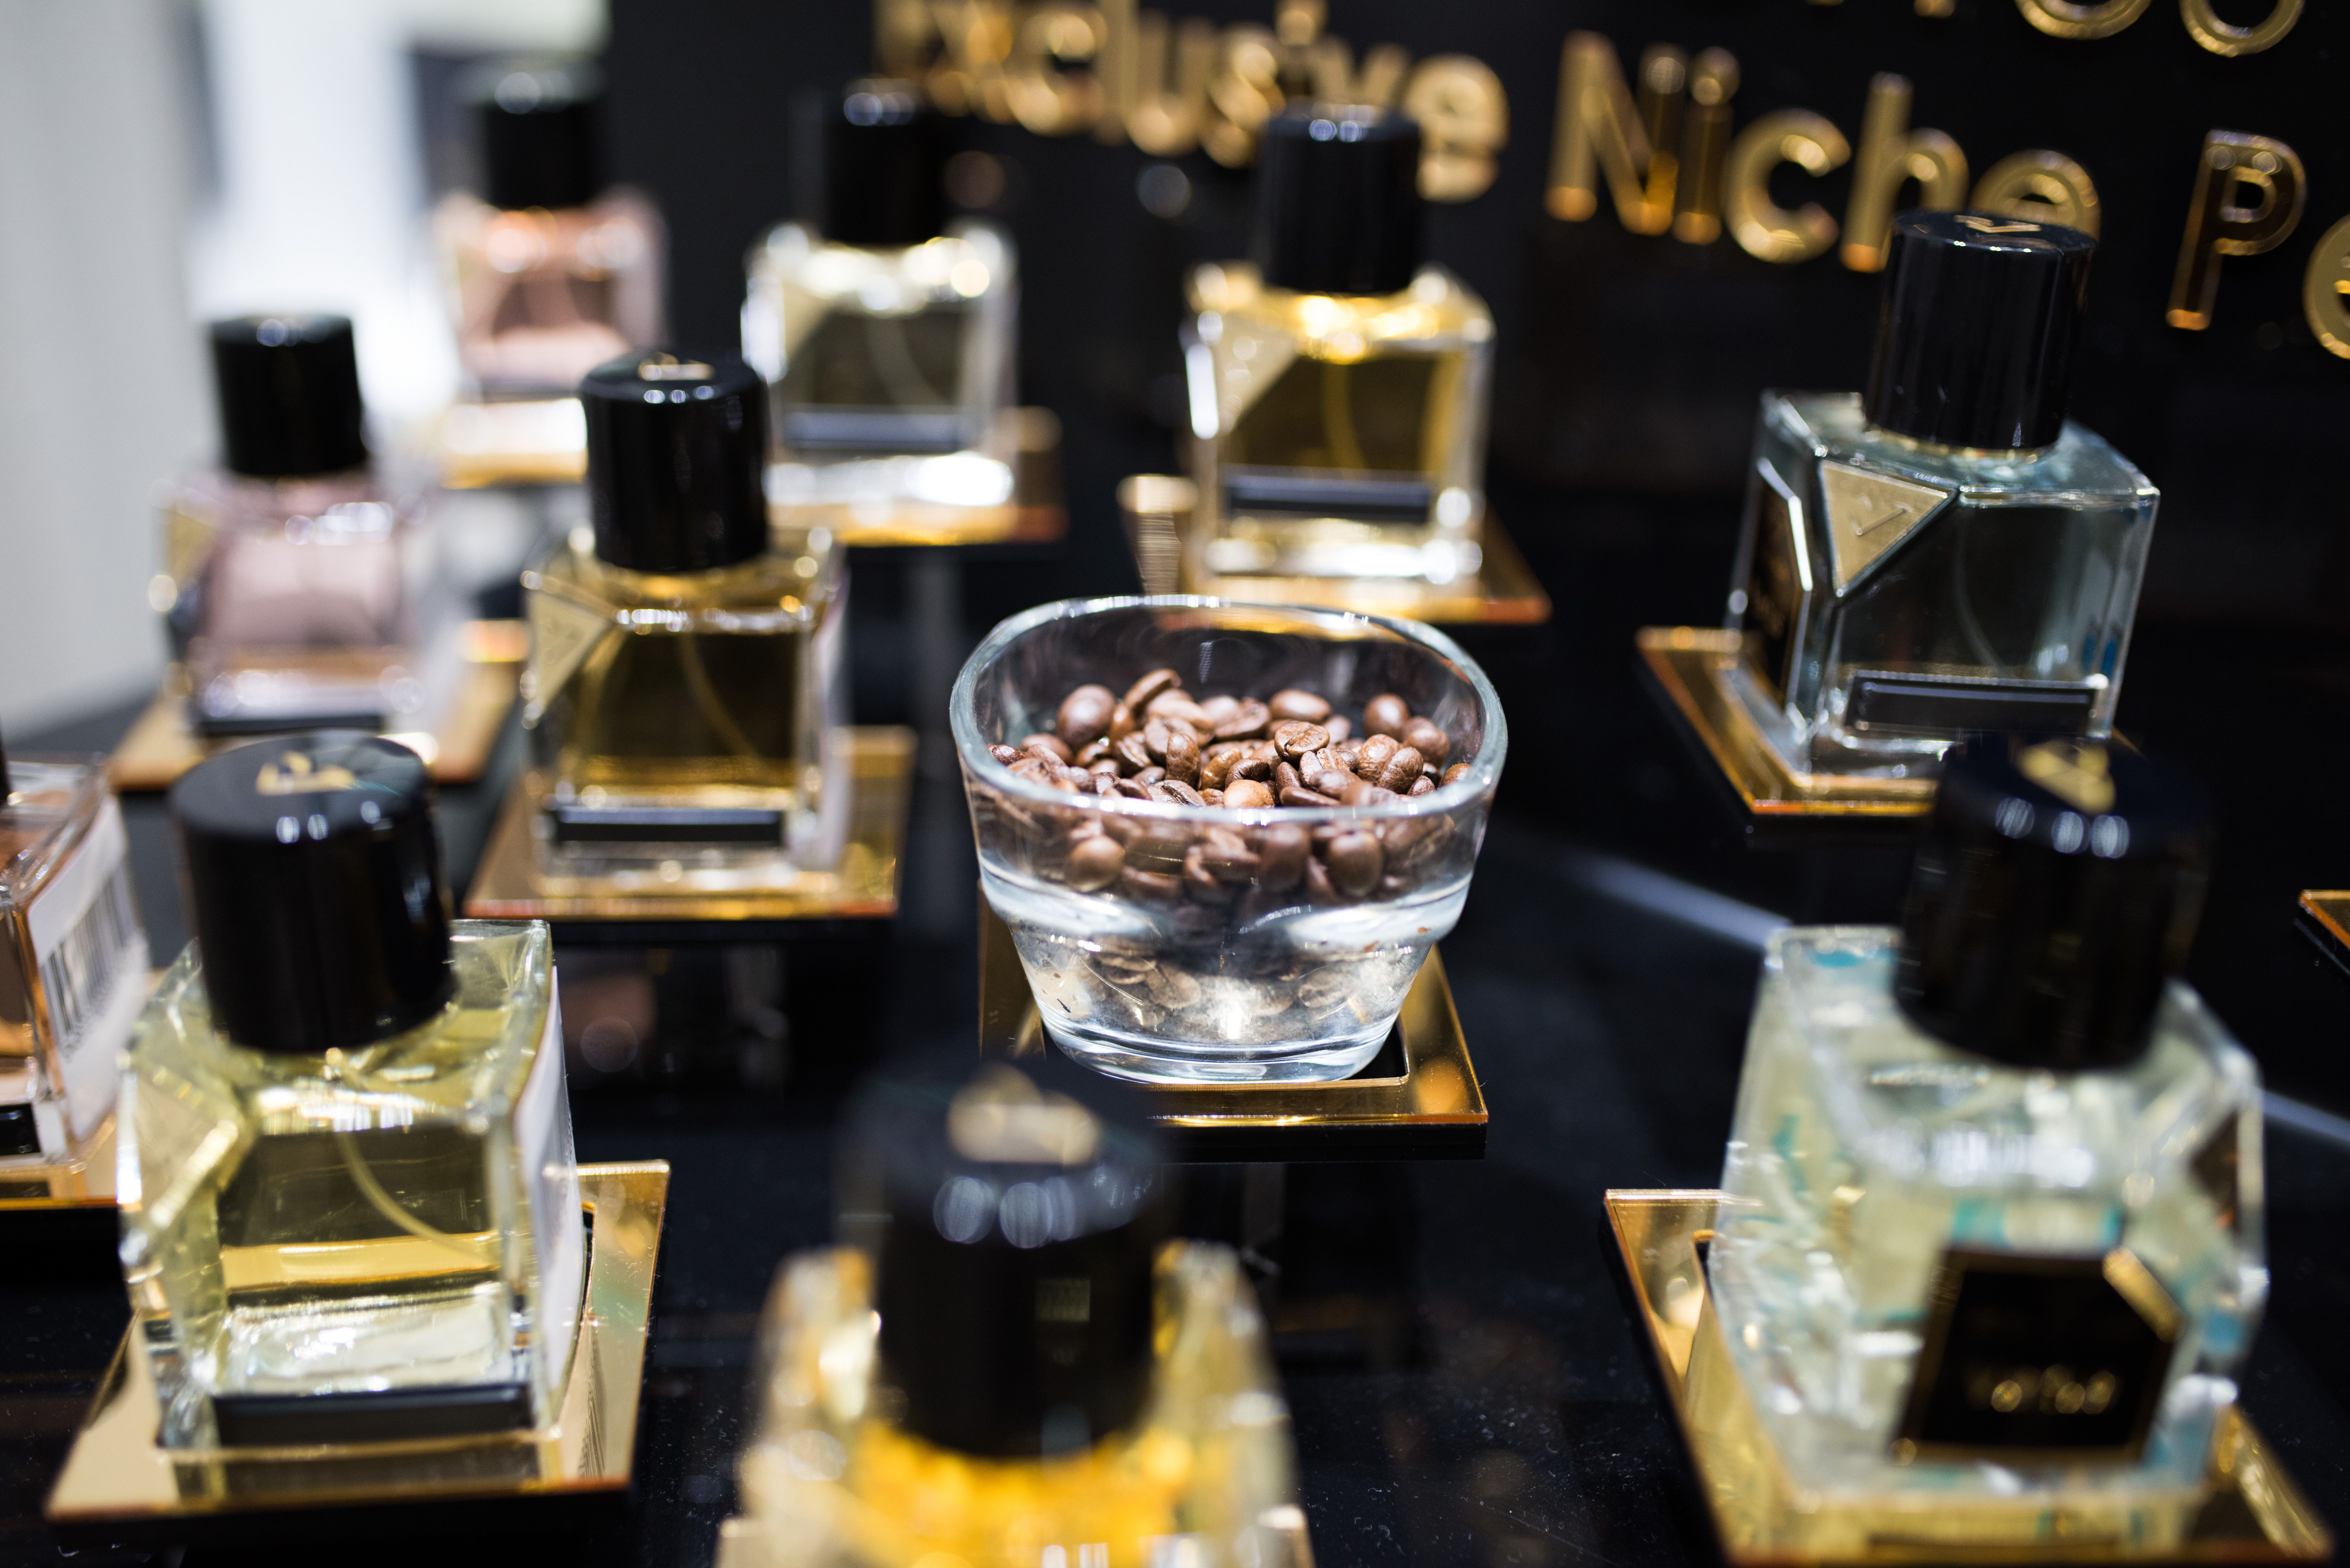 Vertus Eau De Parfum French Niche Fragrance In Cologne Vertus 1001 Boisetcuir Freshorient Monarch Narcosis Nightdose Ombre Orientalros Franzosisch Duft